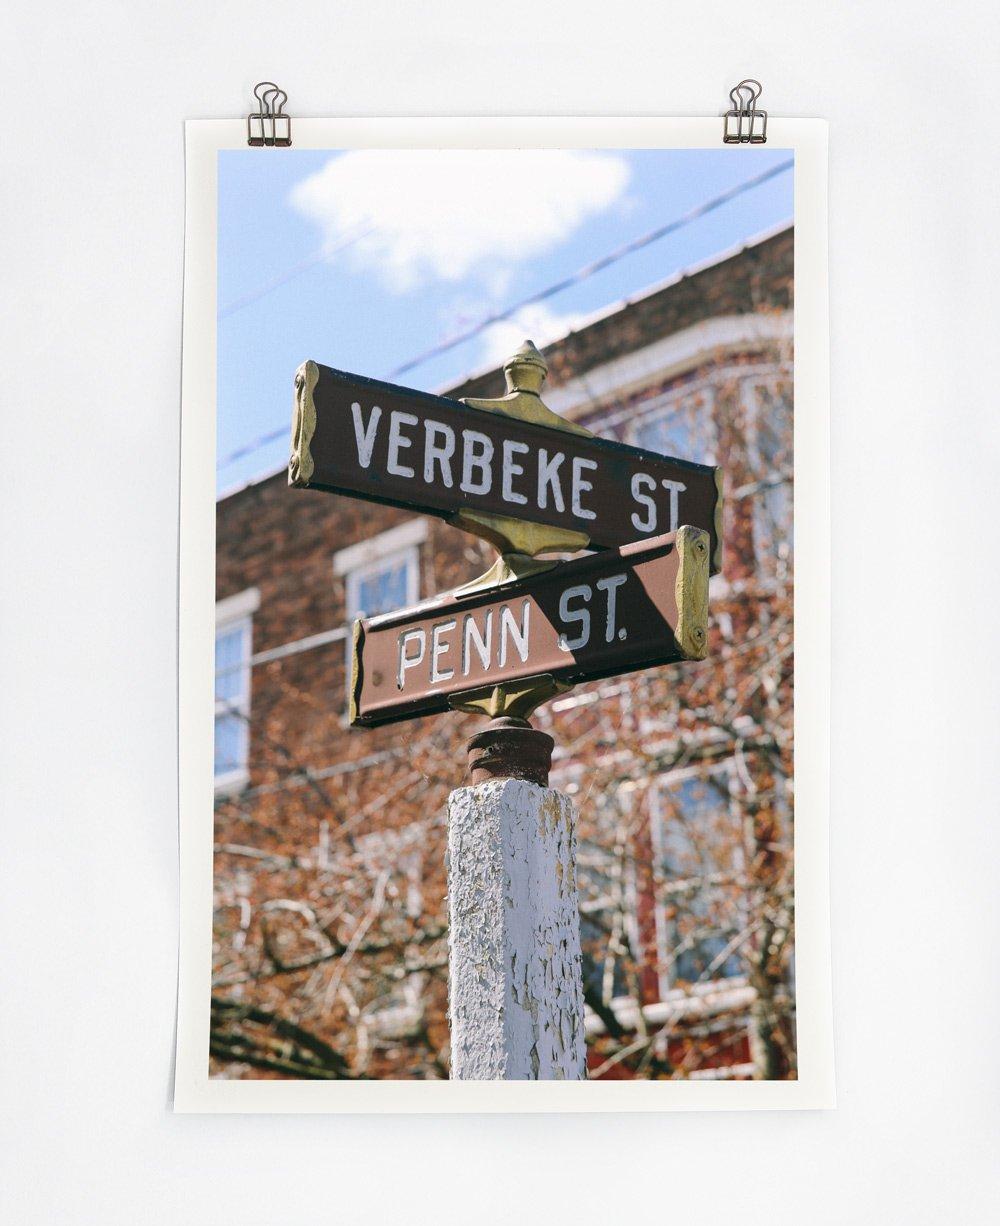 Image of Penn St.